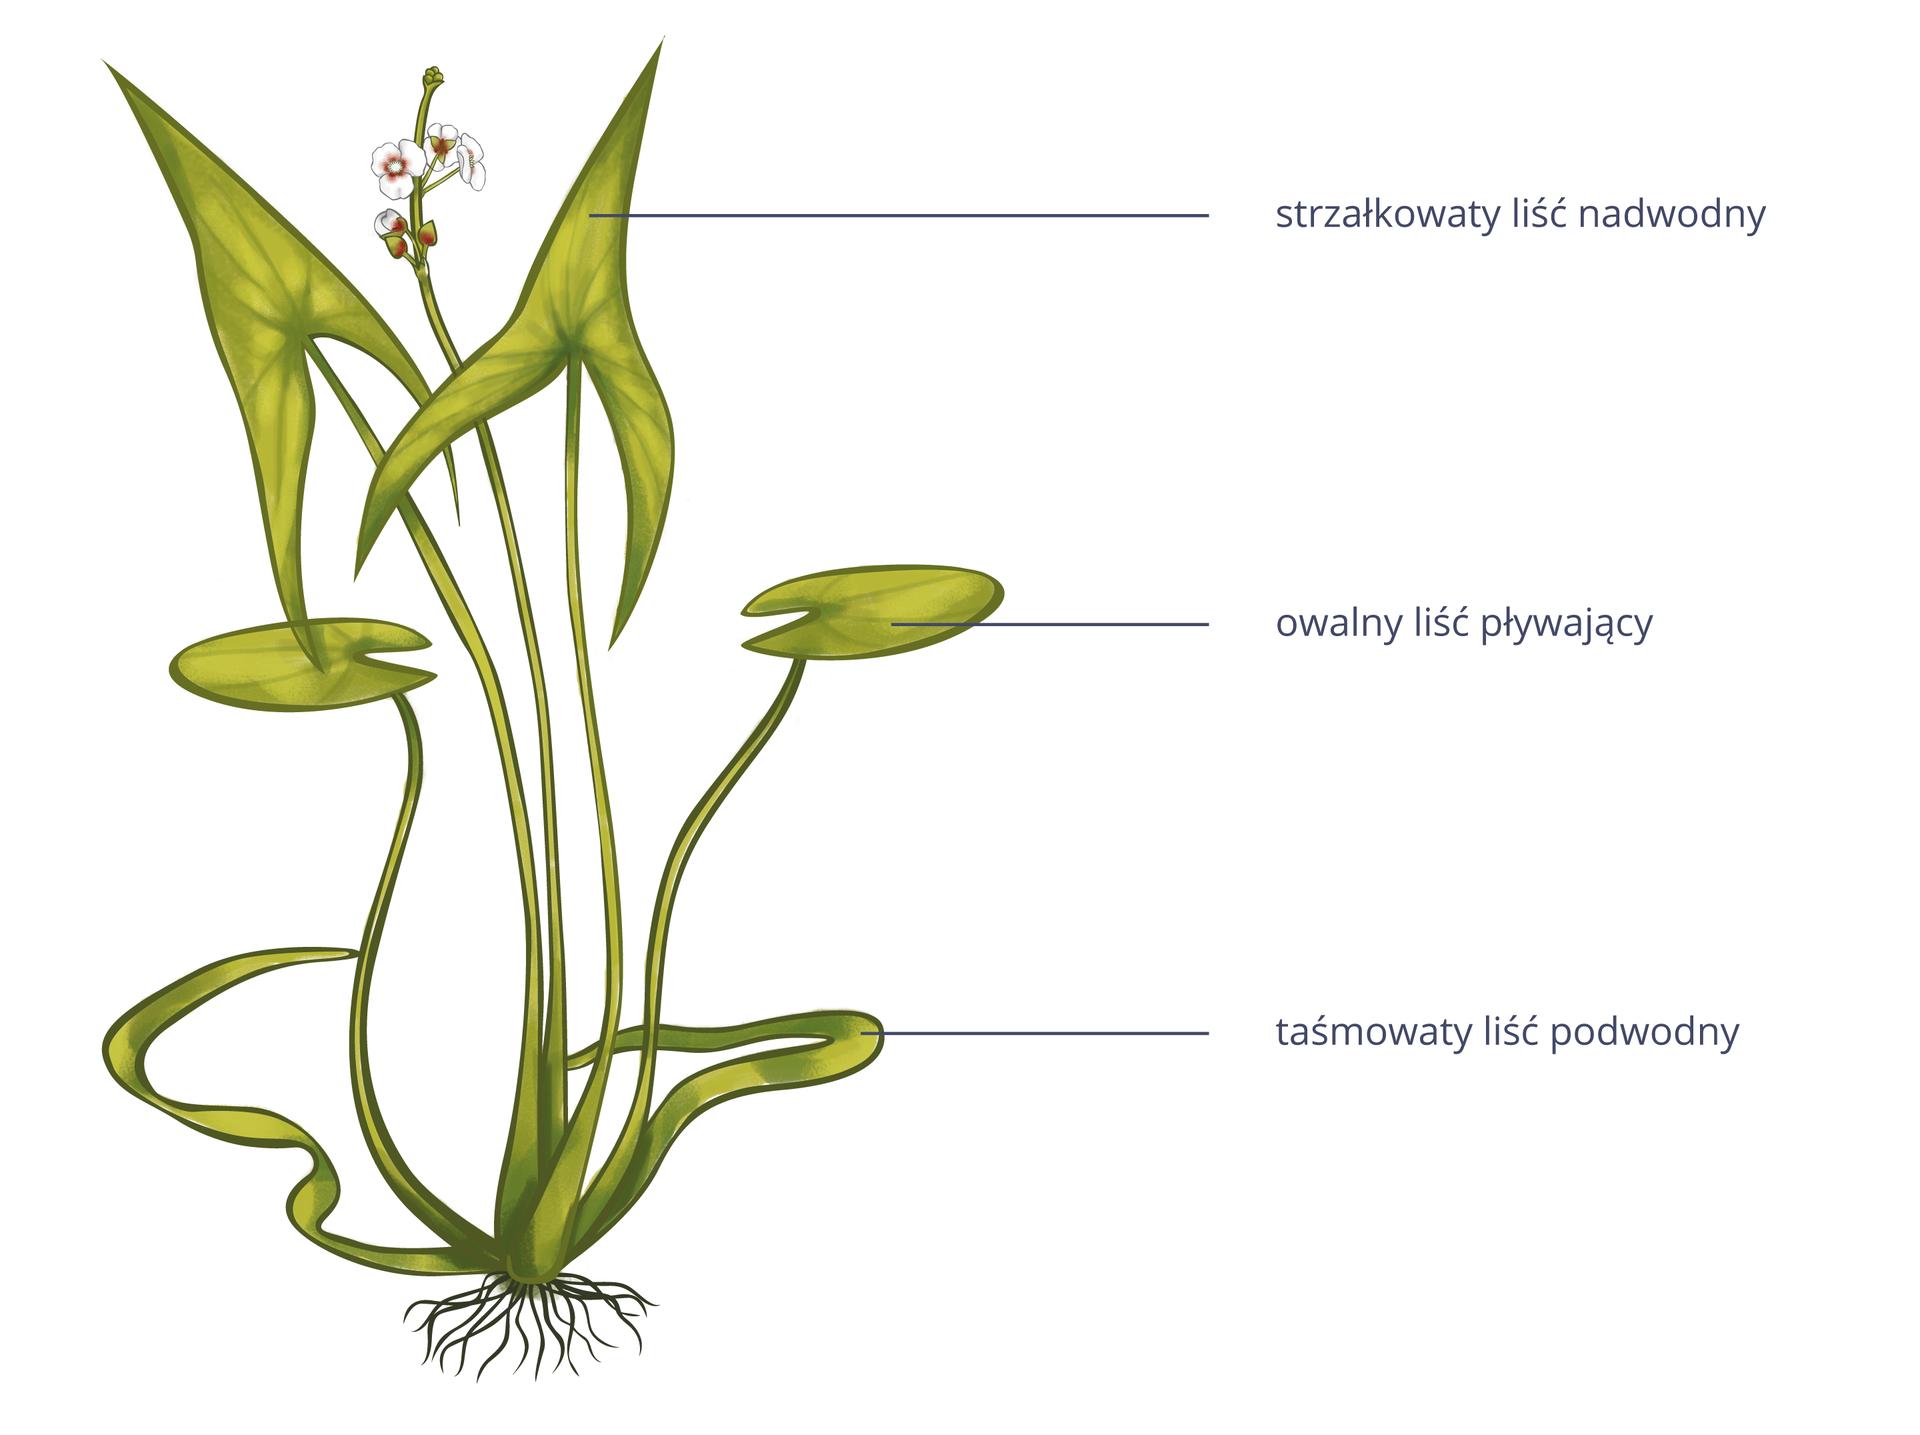 Ilustracja przedstawia zieloną , biało kwitnącą strzałkę wodną. Ma liście o3 różnych kształtach. Nadwodny jest strzałkowaty, pływający jest owalny apodwodny jest taśmowaty. To przykład zmienności niedziedzicznej.